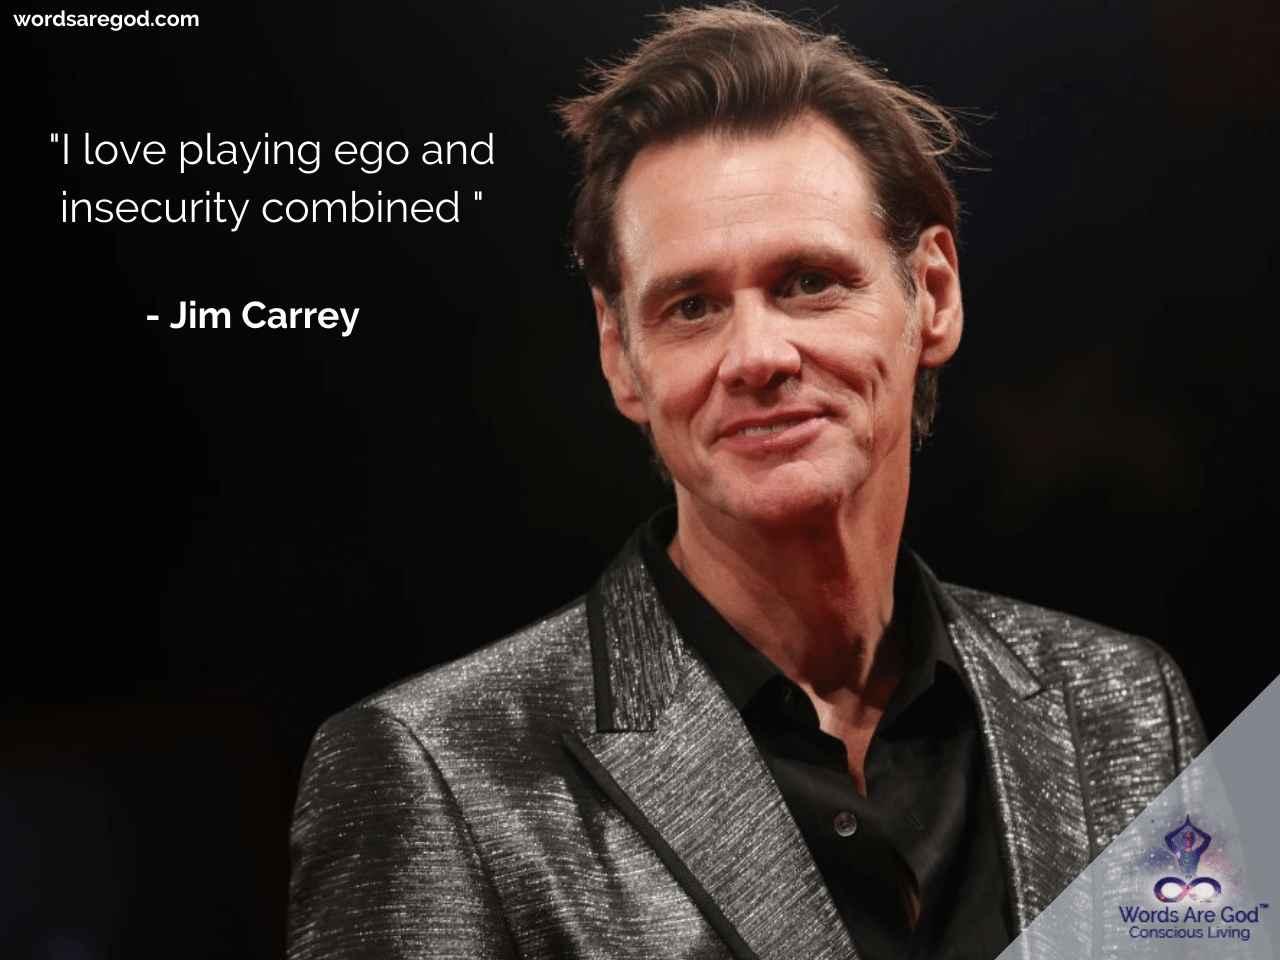 Jim Carrey Inspirational Quotes by Jim Carrey